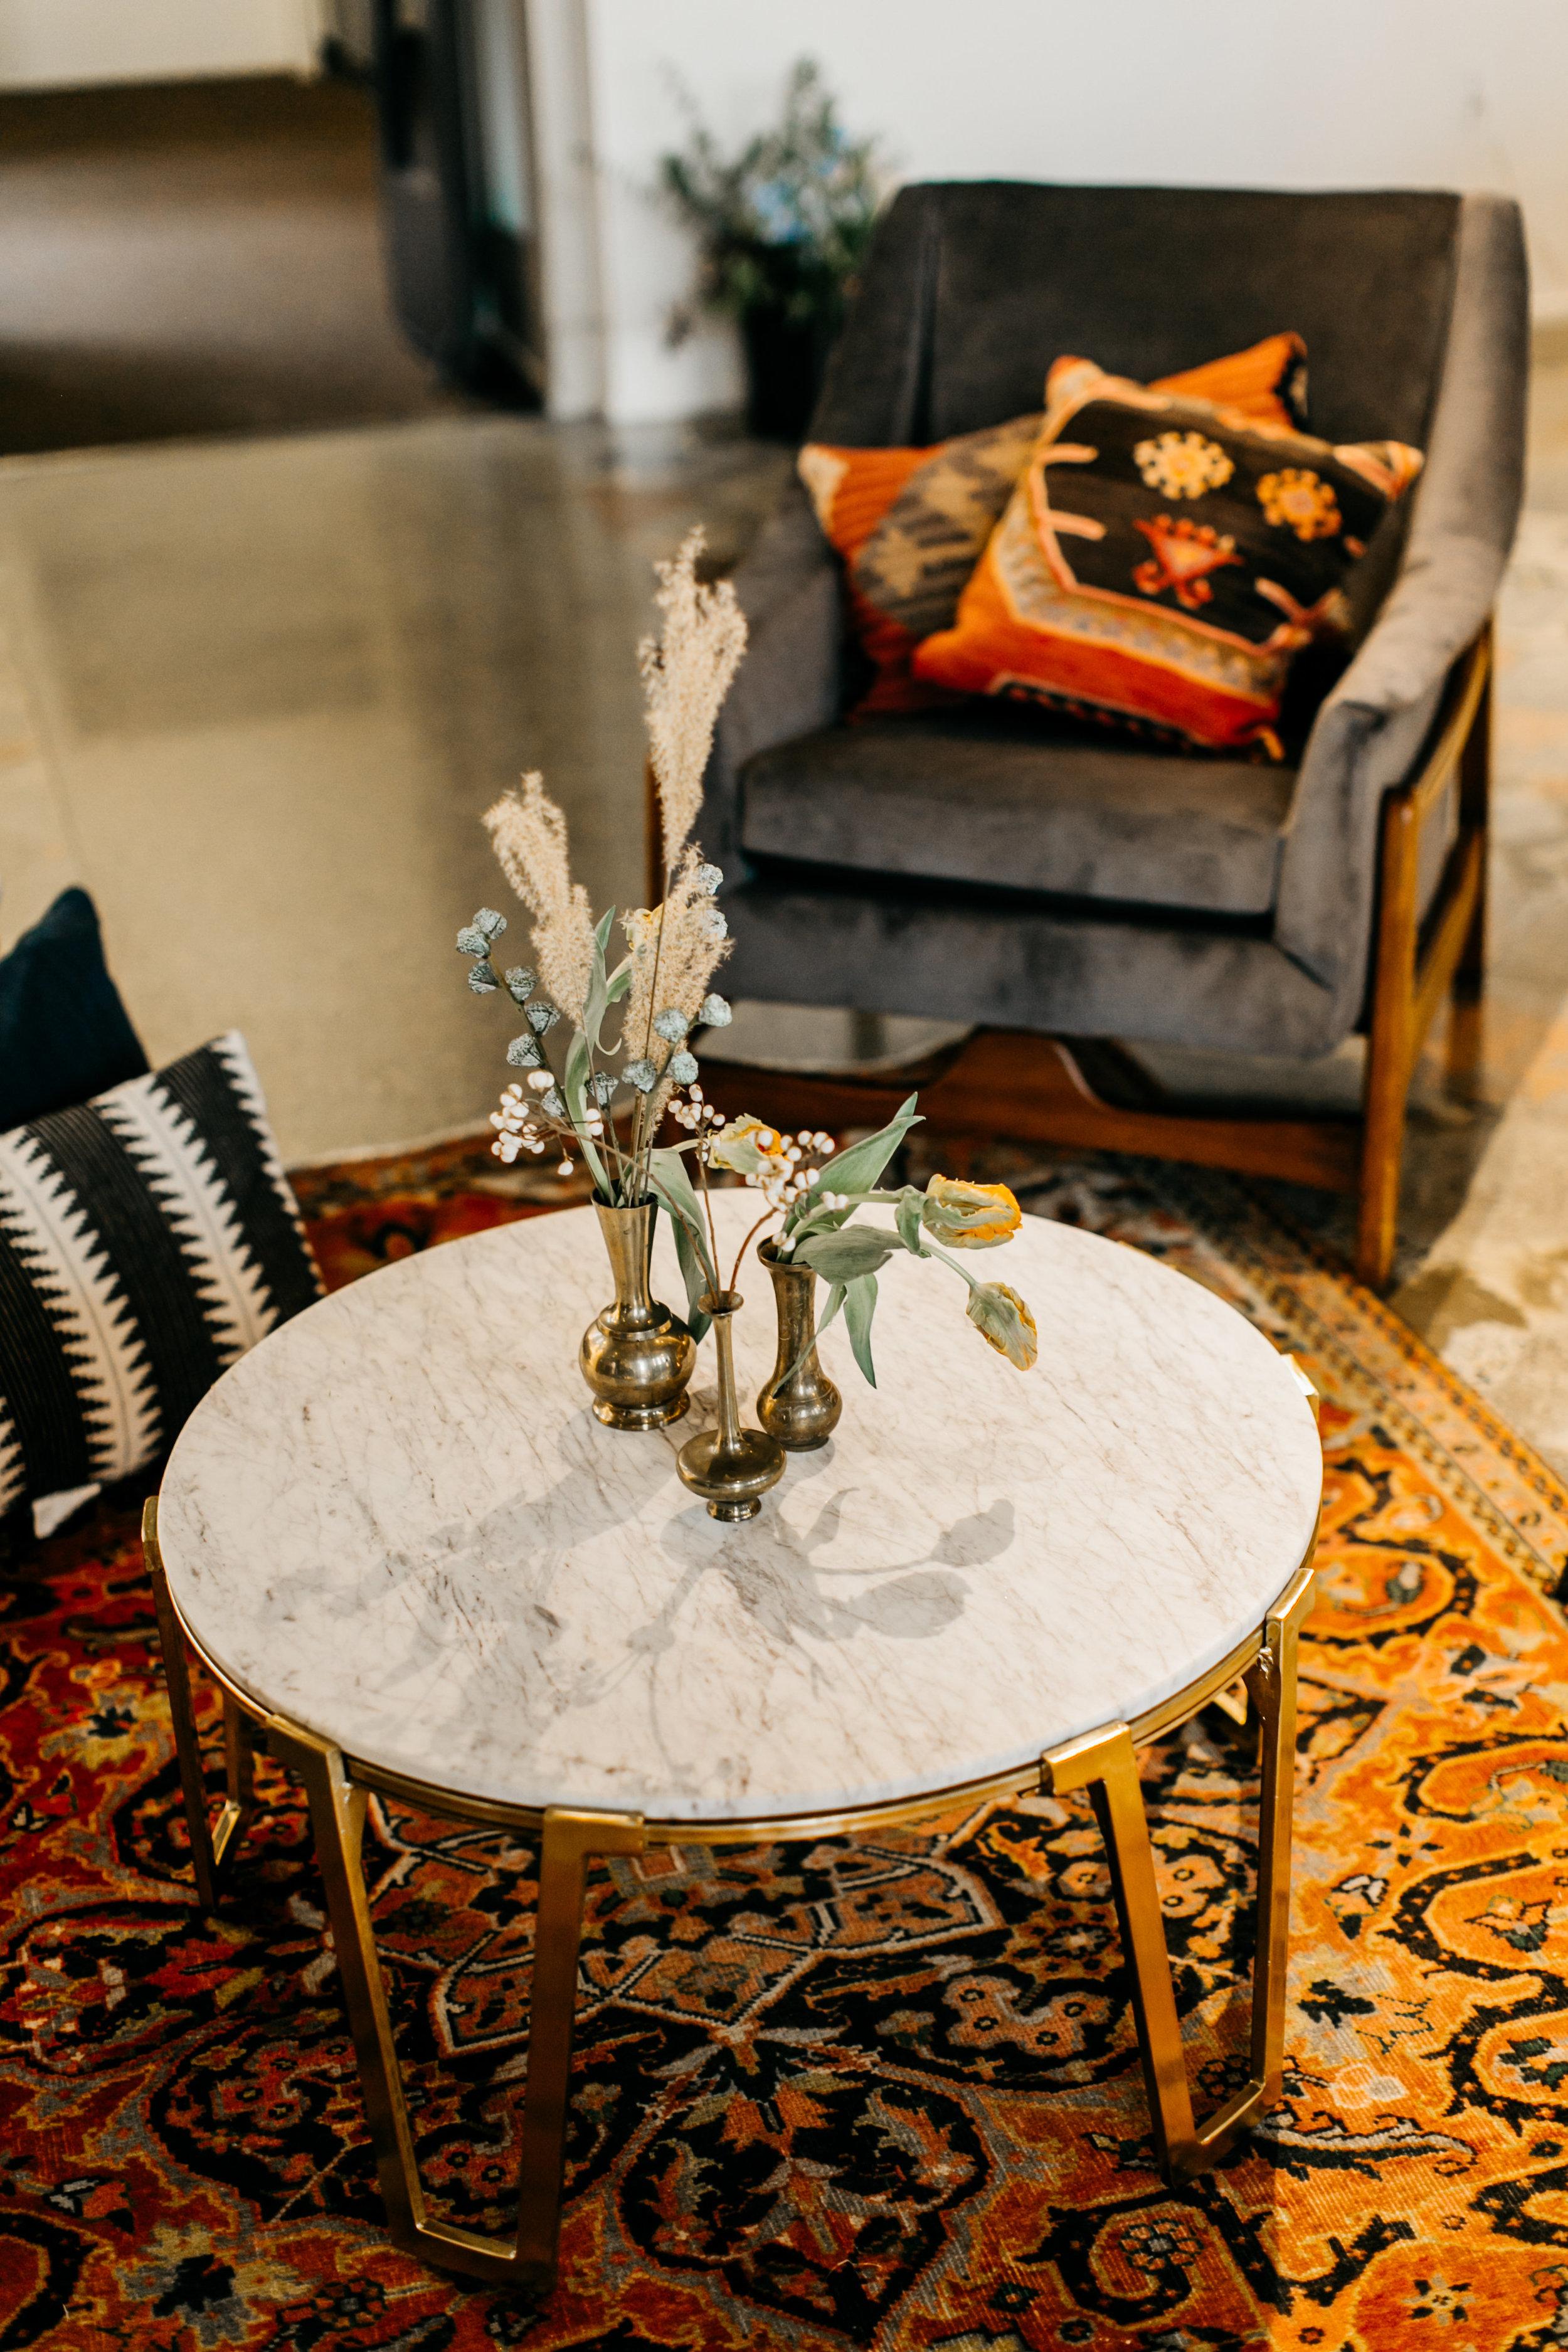 Marble Top Coffee Table.jpg